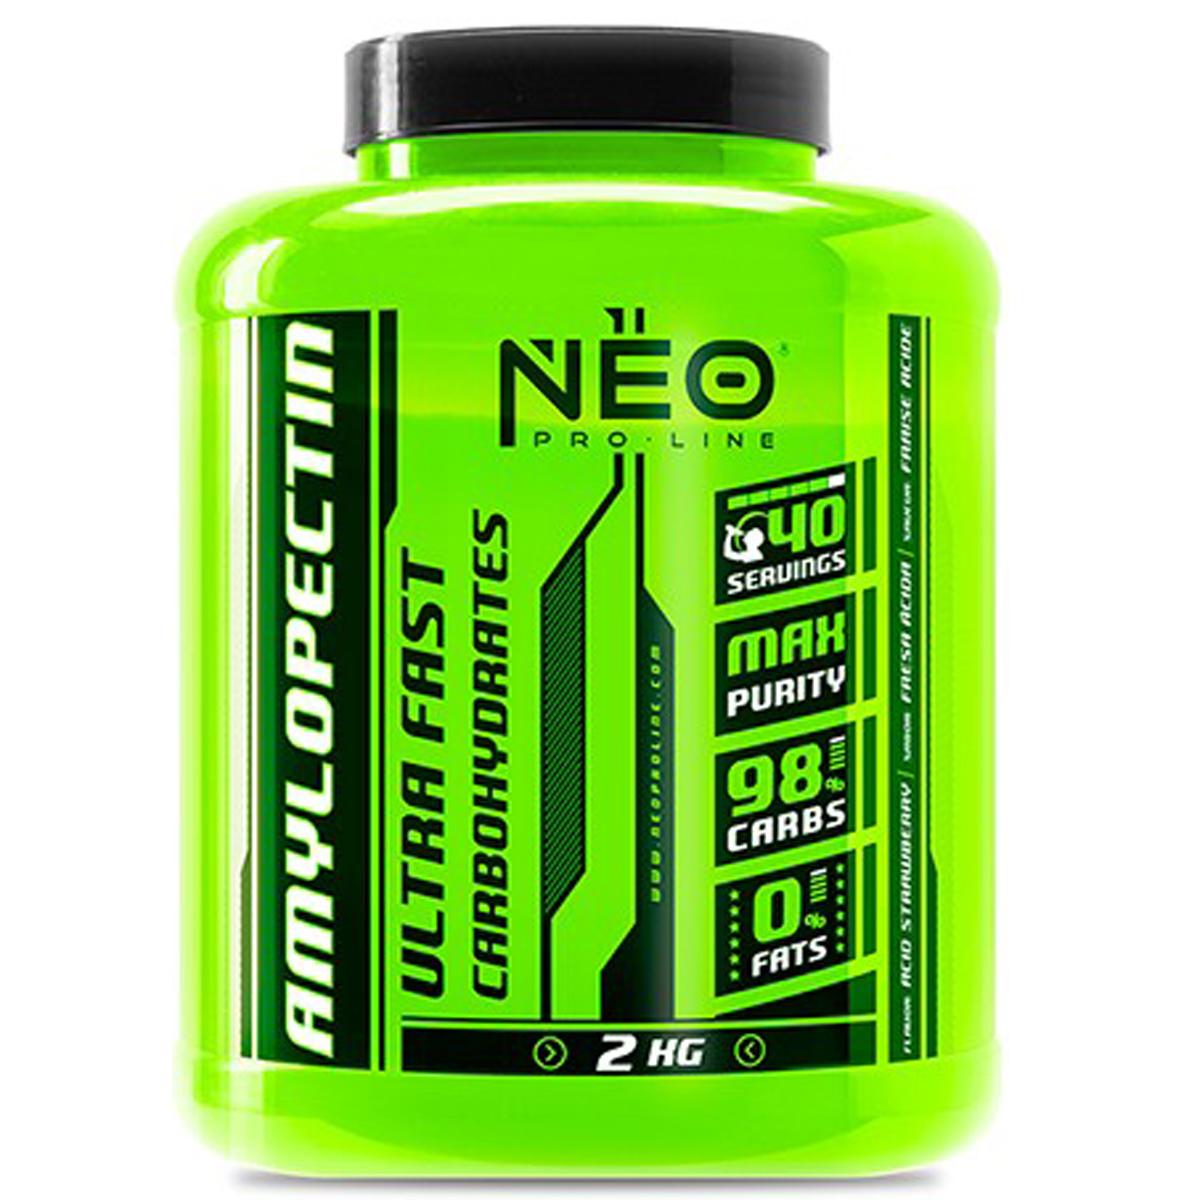 Resultado de imagen de https://www.goldnutricion.es/carbohidratos/amilopectina-neo-pro-line-2-kg